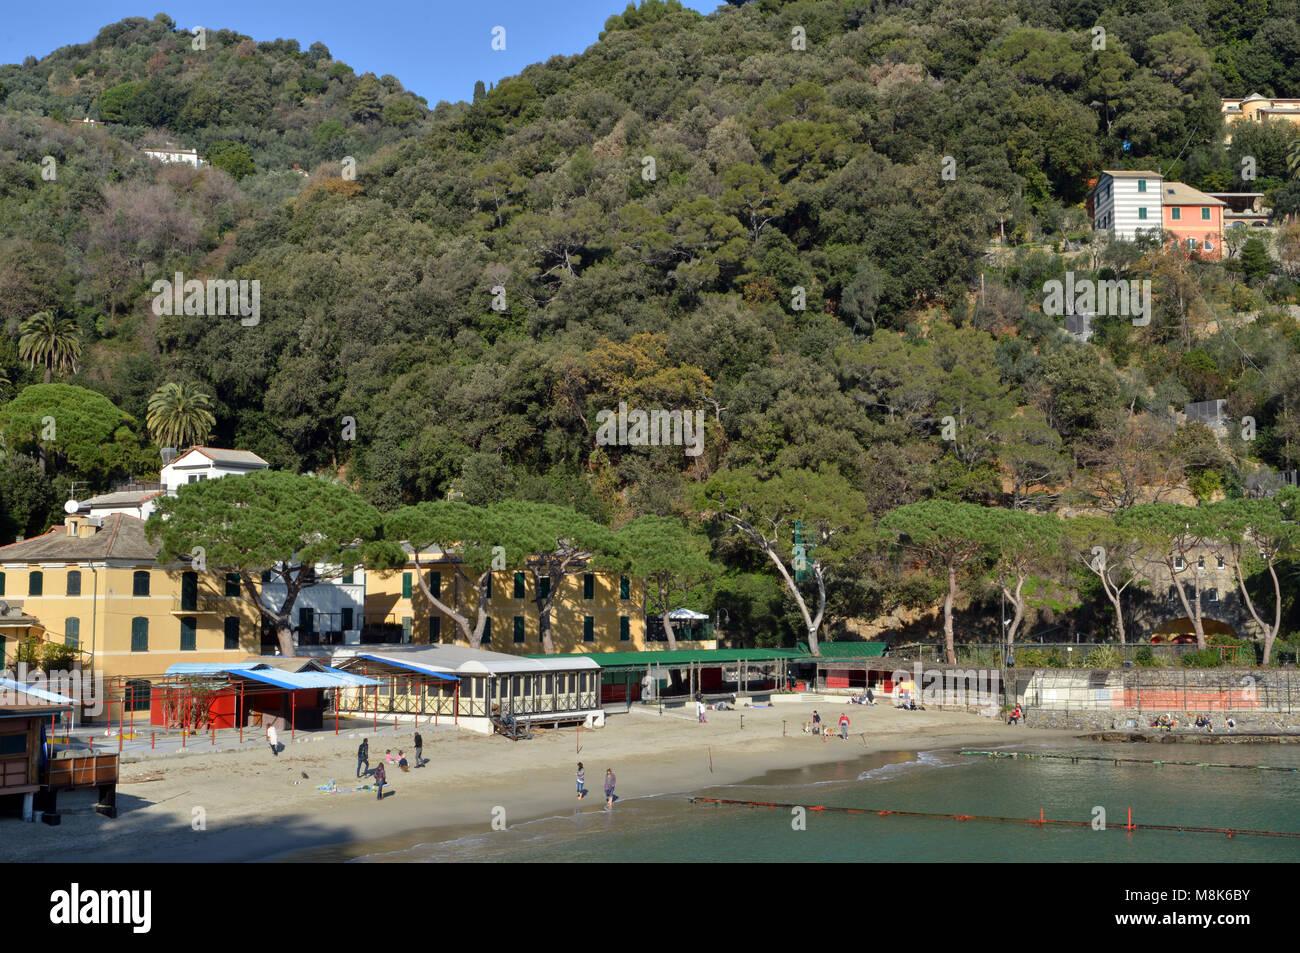 Italy bay beach paraggi italian stock photos italy bay beach